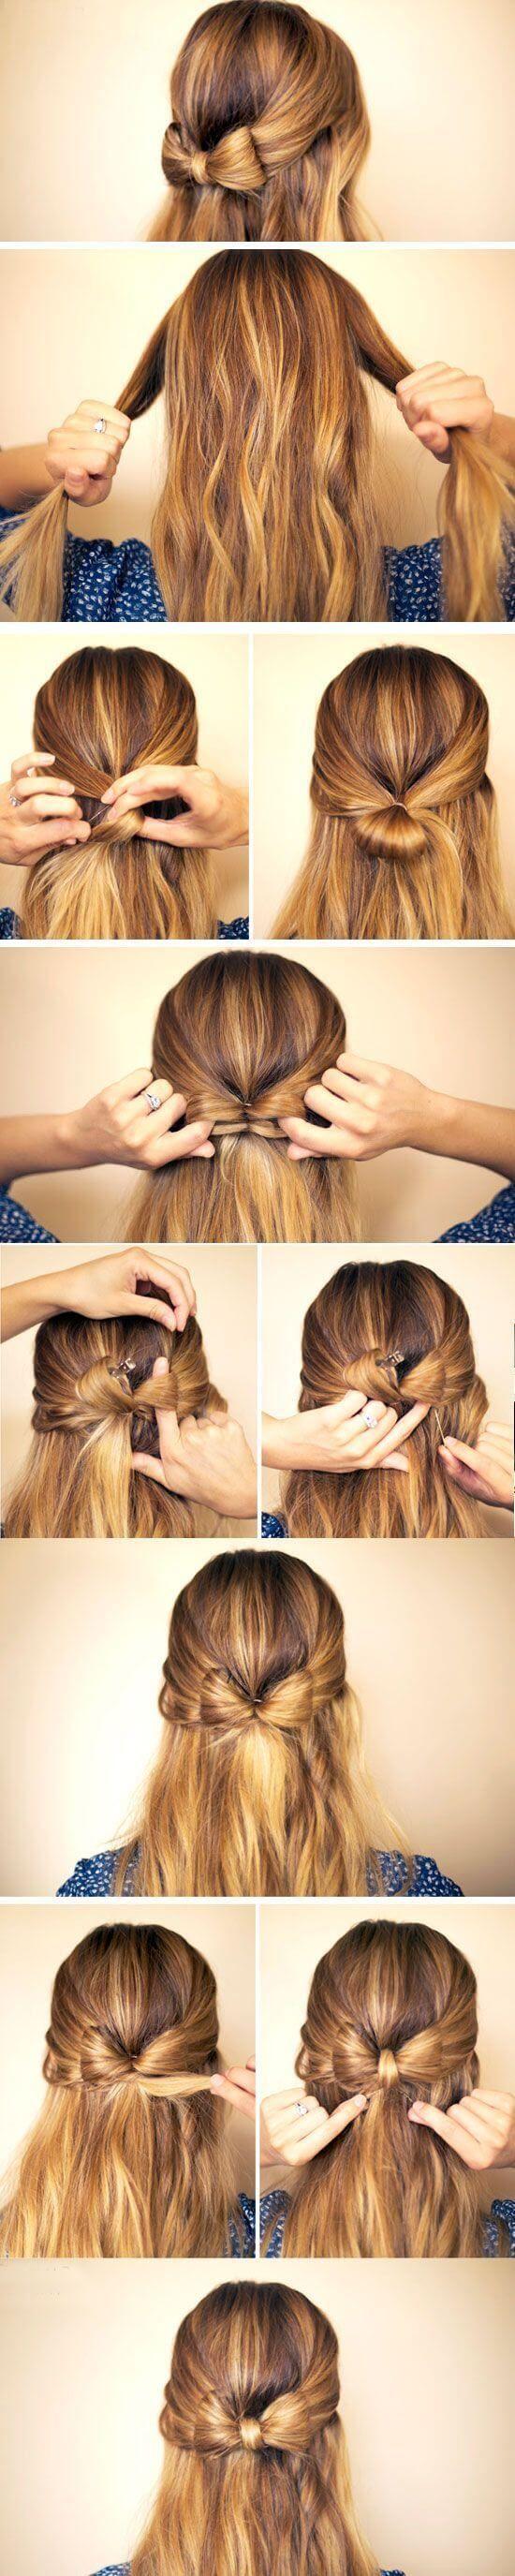 31 spezielle Festival Frisuren #selbermachen #abiballfrisuren #haarband #pferdes